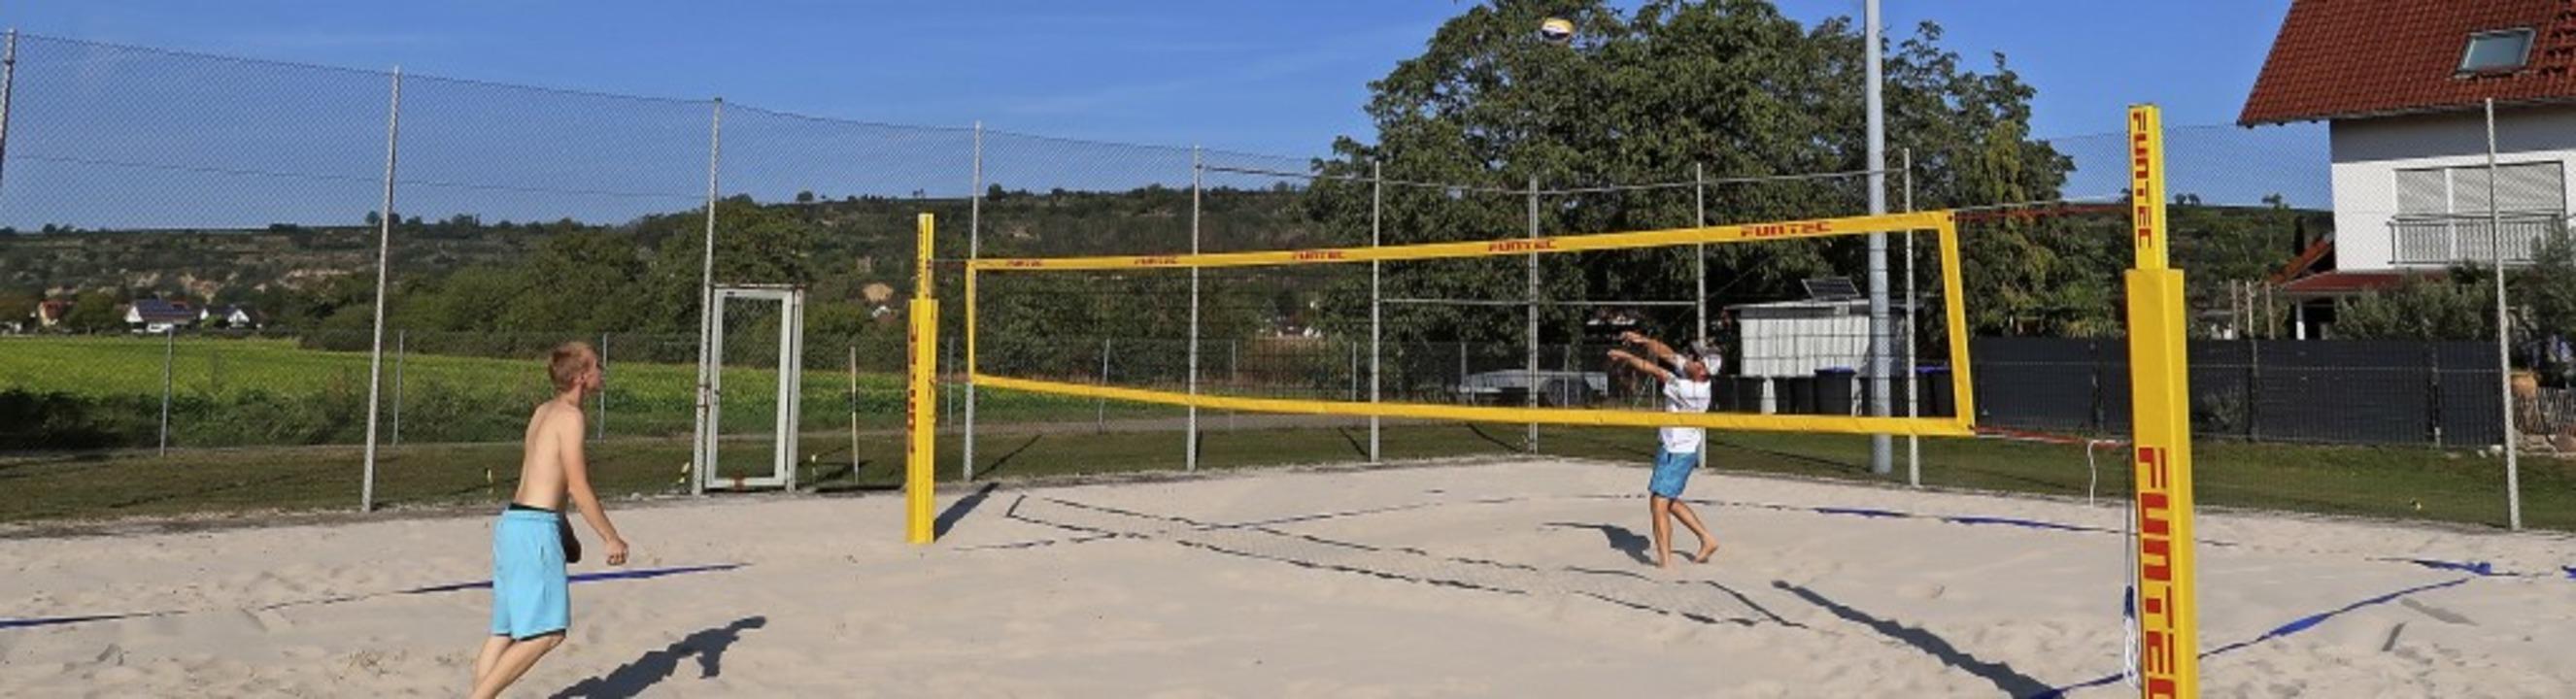 Auf dem Gelände des Christophorus Juge...rde ein Beachvolleyballplatz angelegt.  | Foto: Christine Weirich